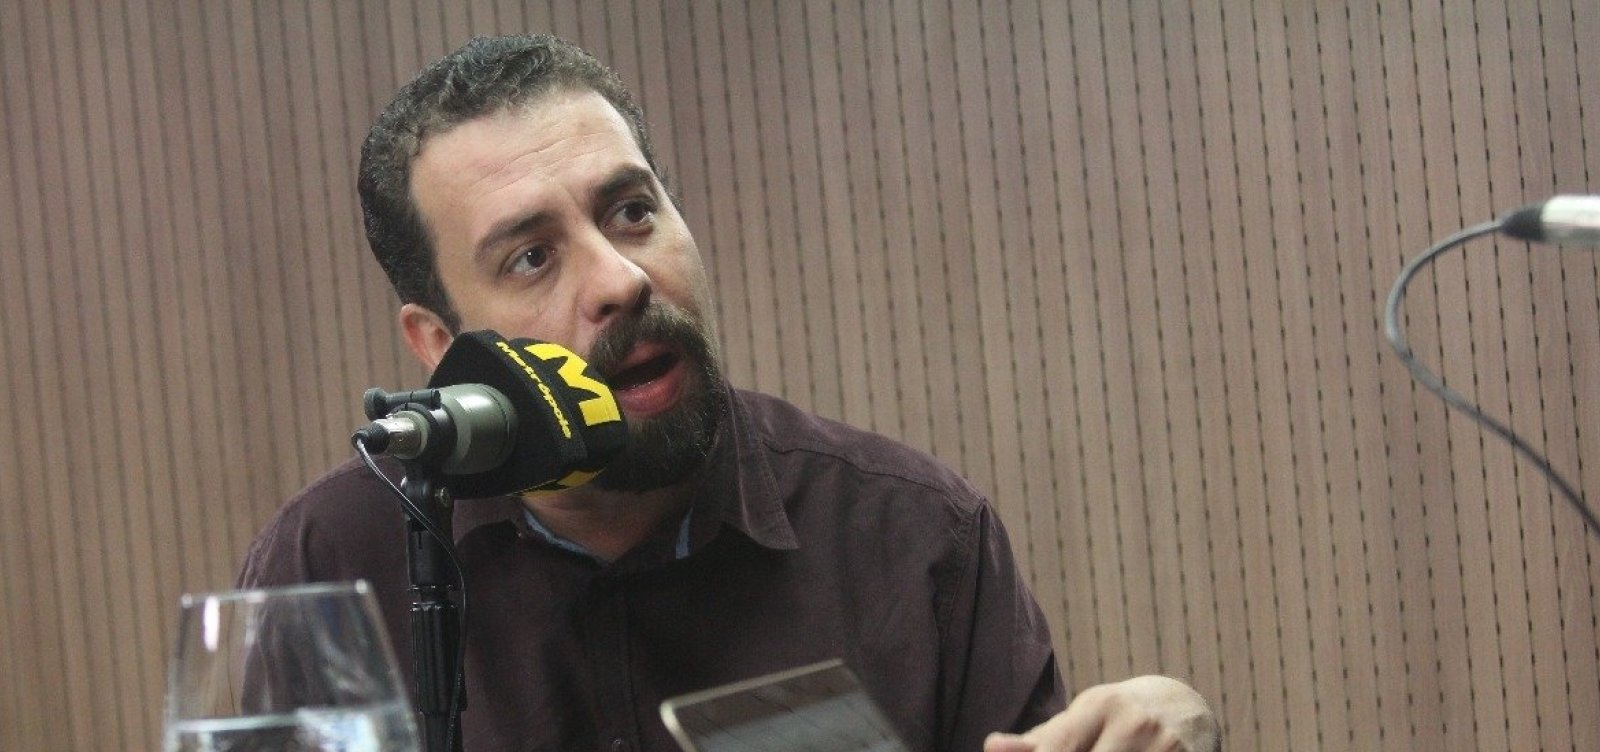 [Boulos diz que PF faz 'gesto de intimidação' ao intimá-lo para depor sobre ocupação a triplex]